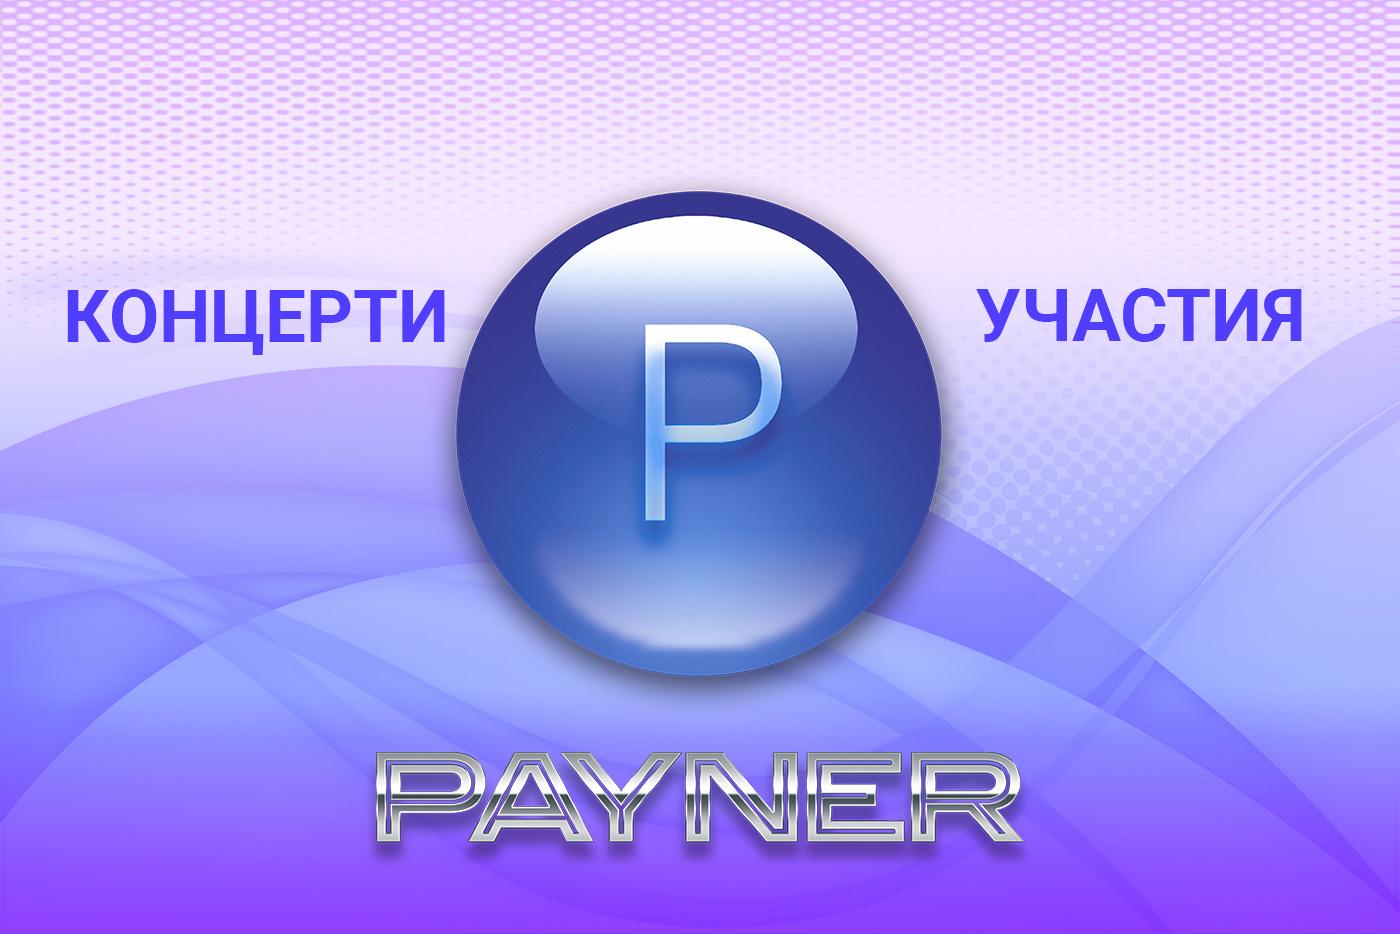 """Участия на звездите на """"Пайнер"""" на 25.09.2019"""